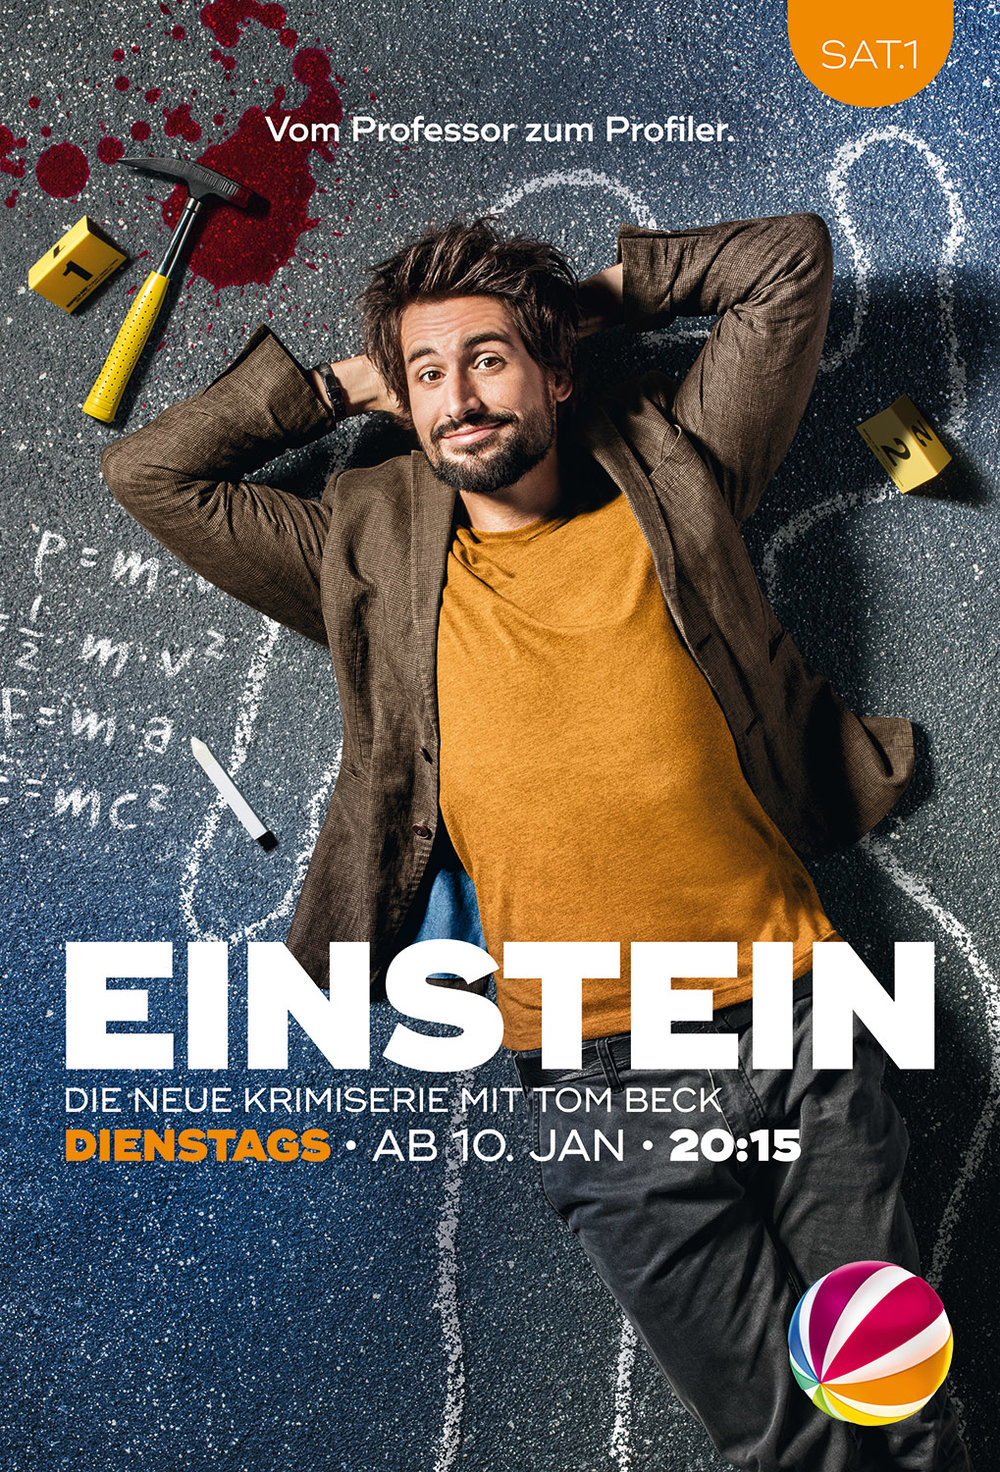 EinsteinCLP.jpg